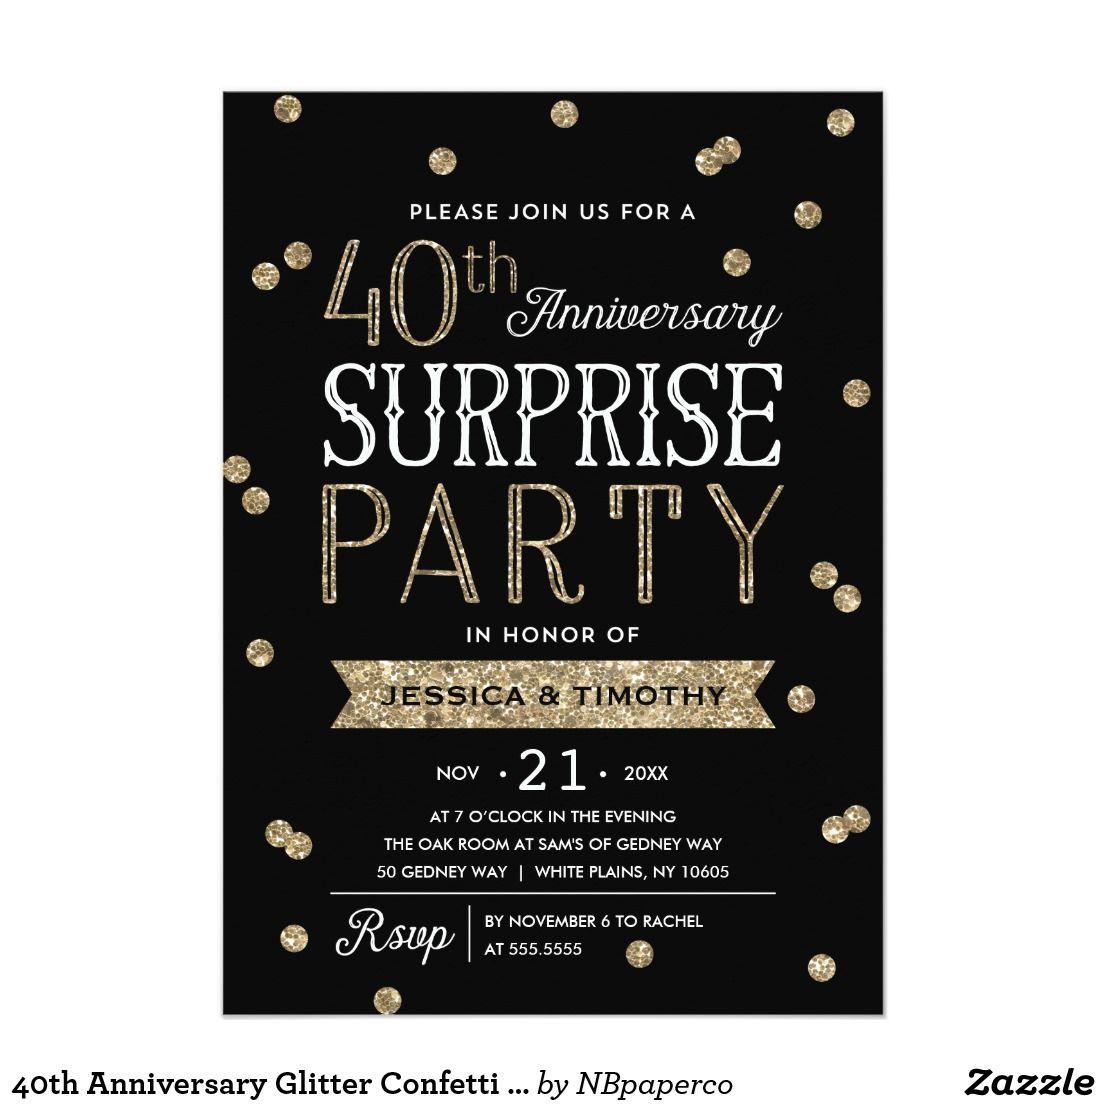 40th Anniversary Glitter Confetti Surprise Party Card Glitter Confetti